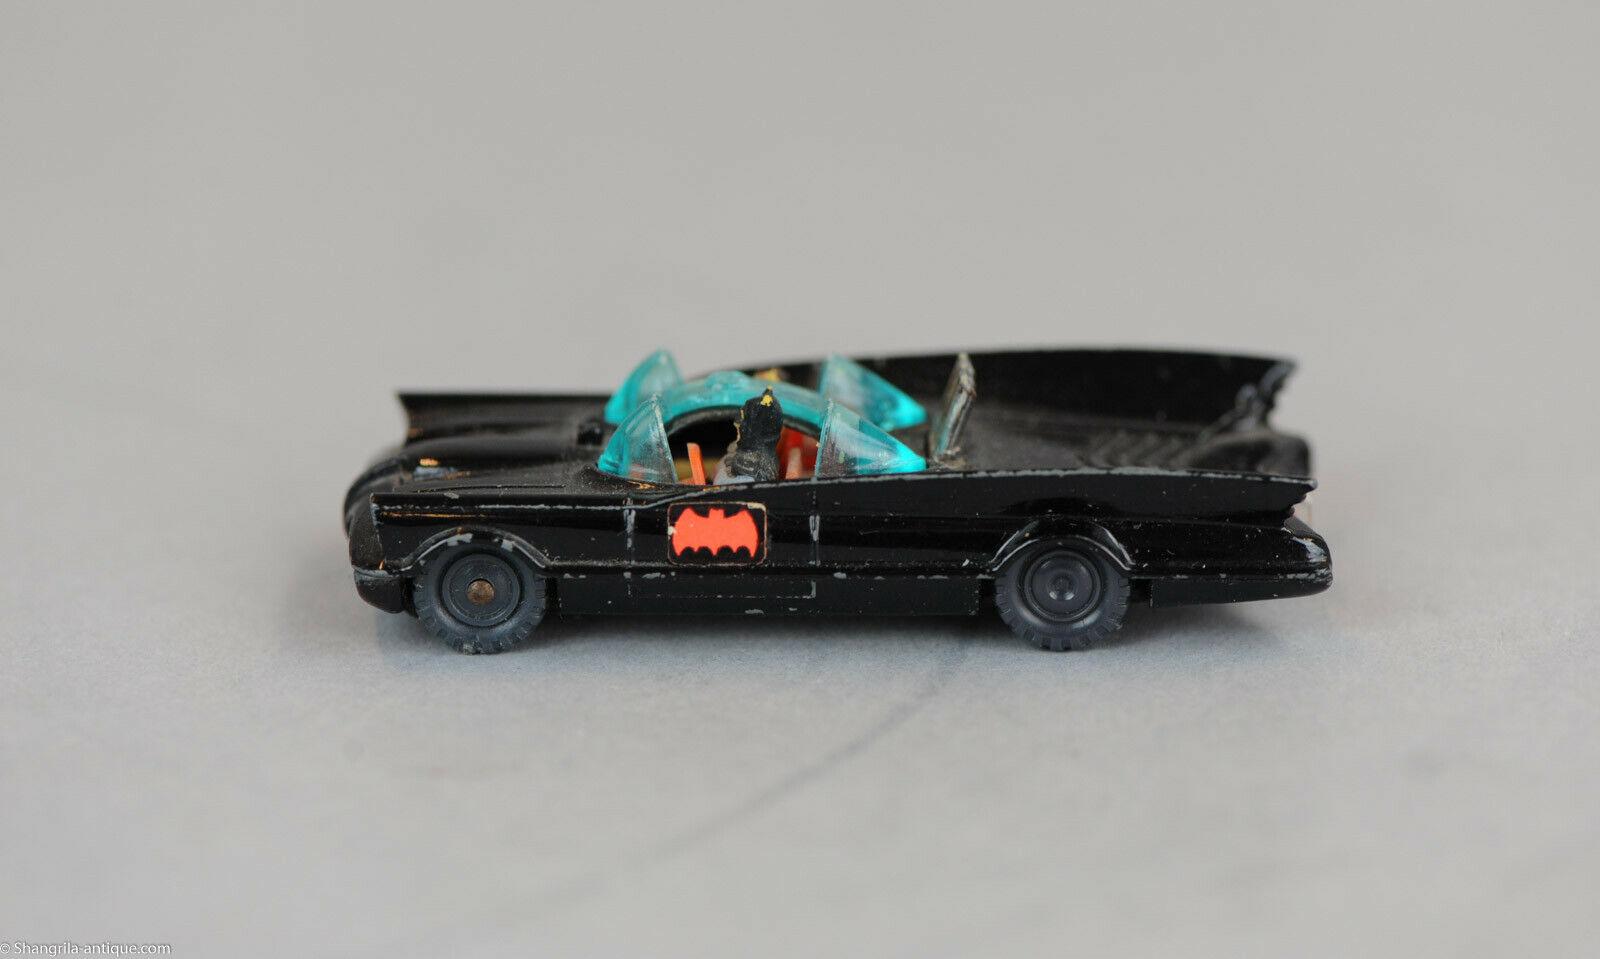 Antique Juguete De Batman Husky Juniors Batman Batmobile Diecast Modelo Coche Mettoy